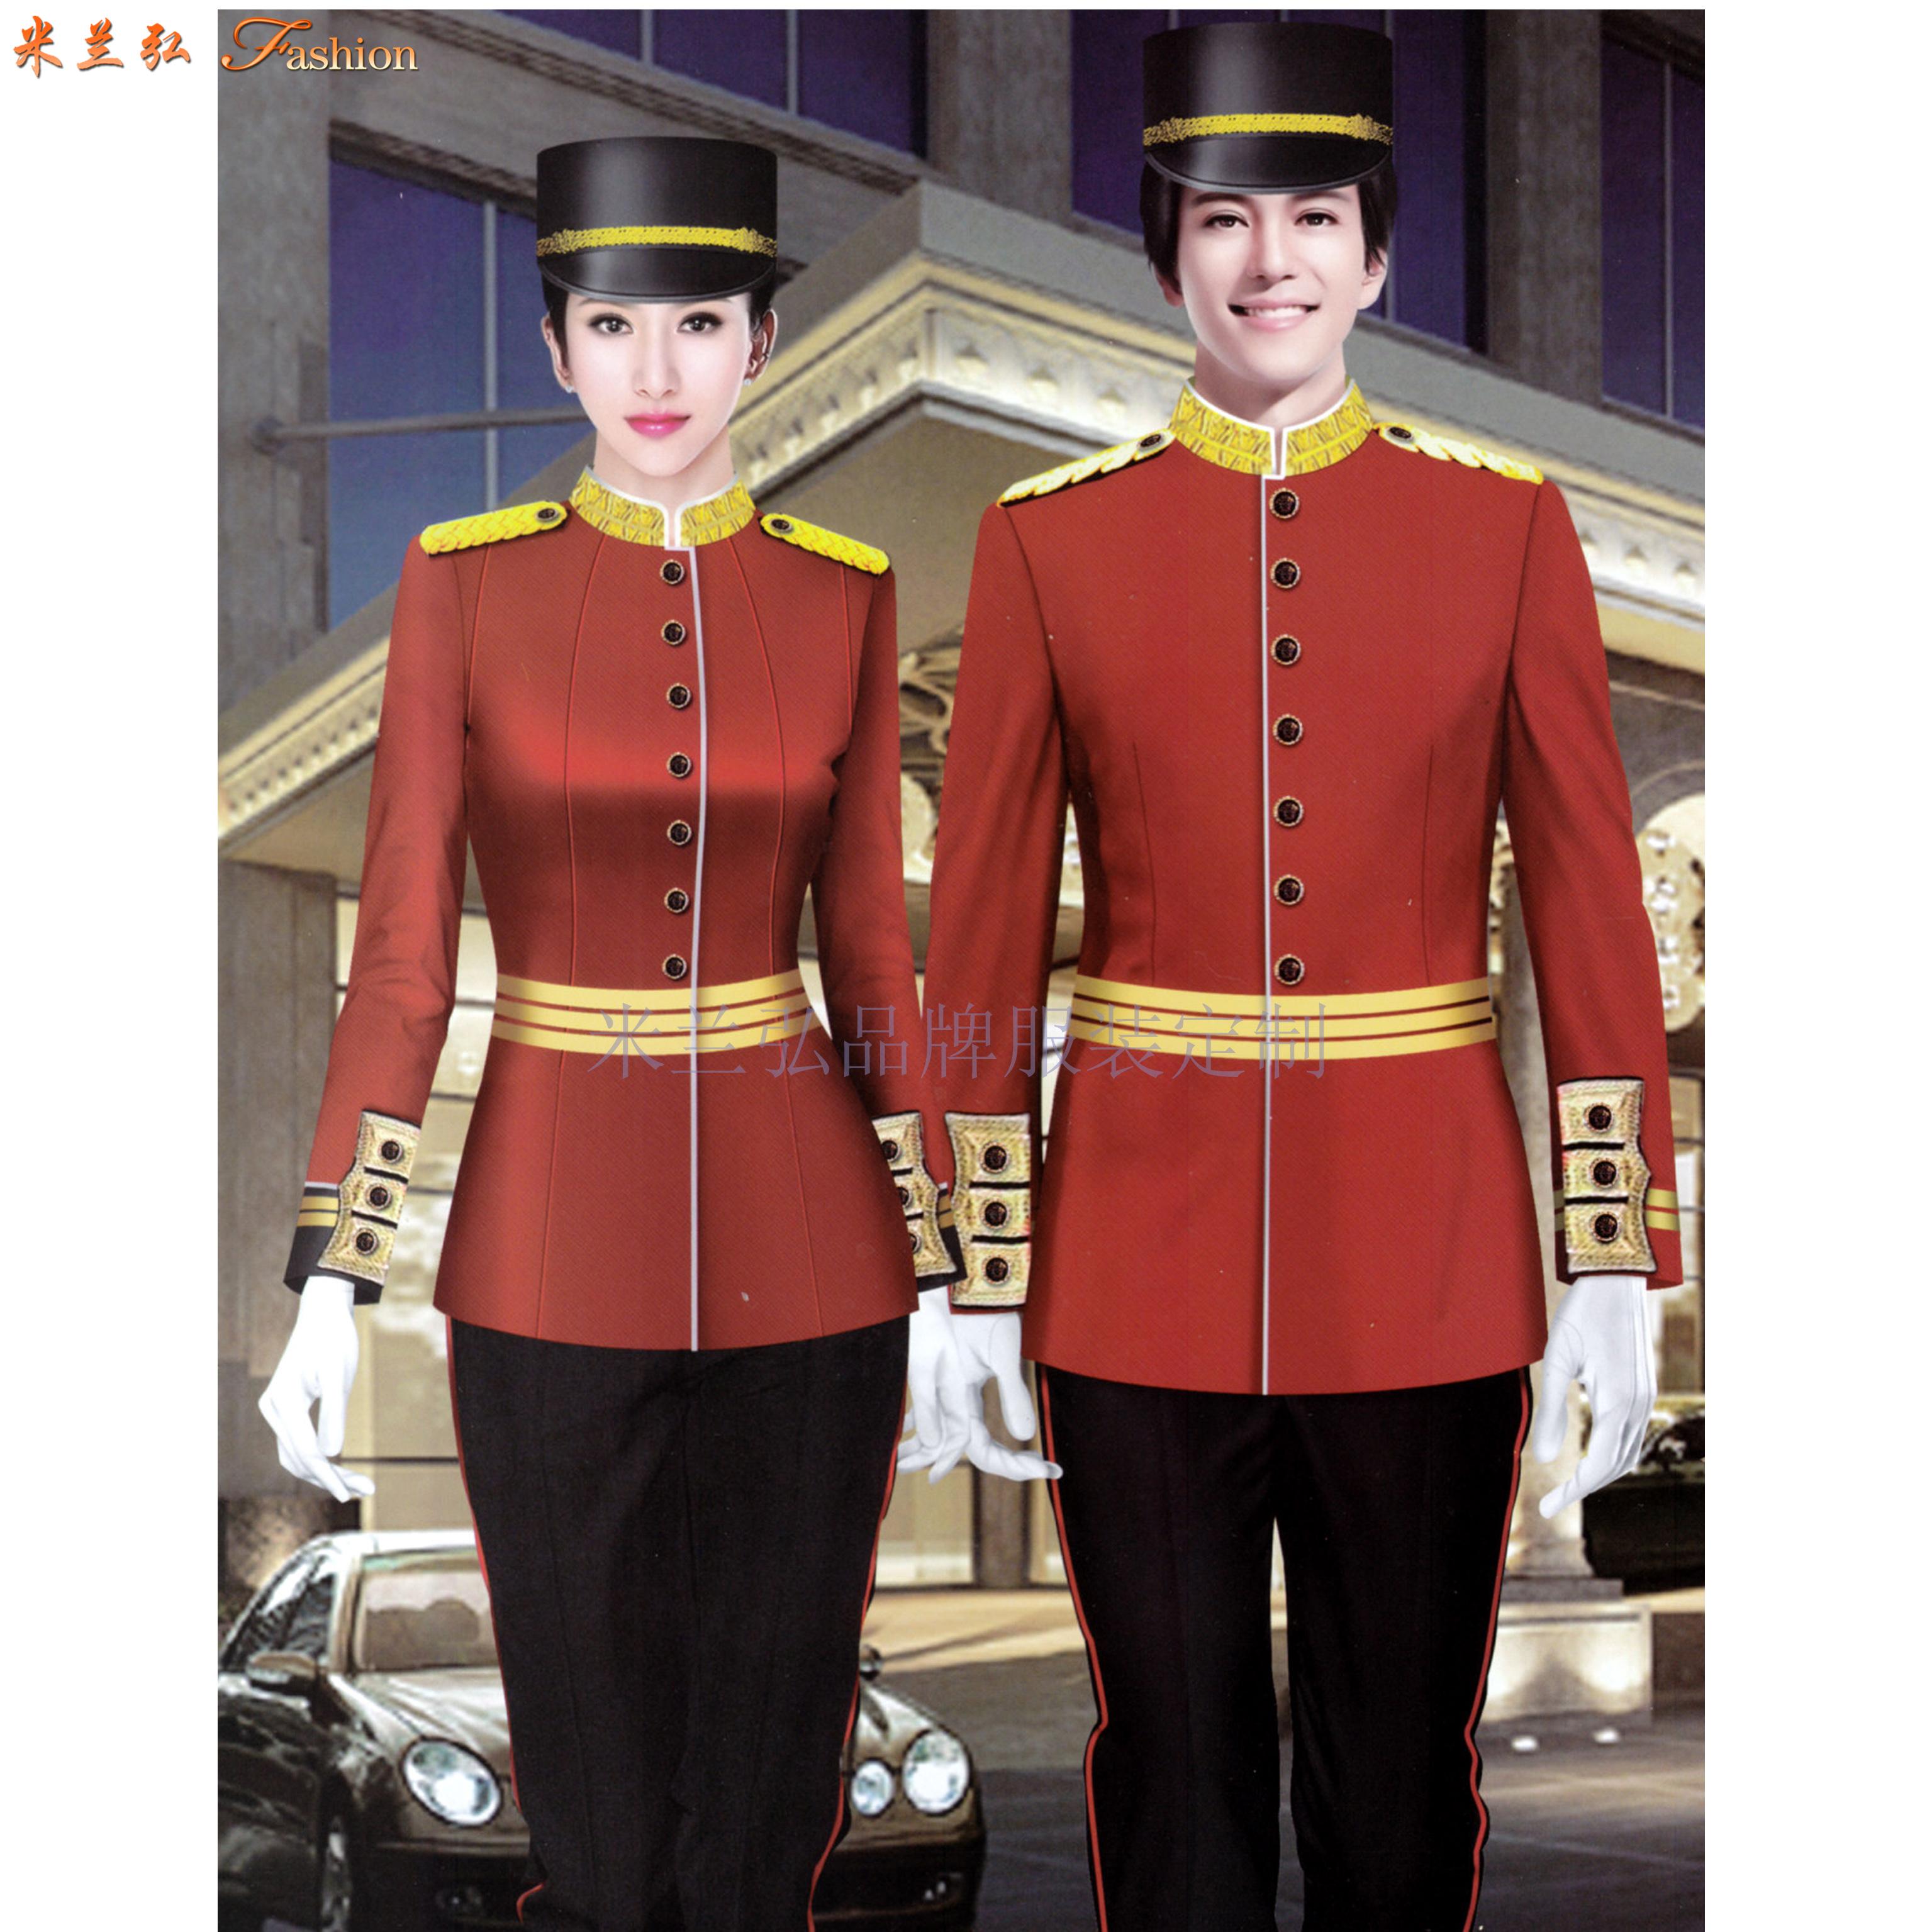 青島酒店制服定制_平度市酒店工服訂制_萊西市酒店服裝定做-1